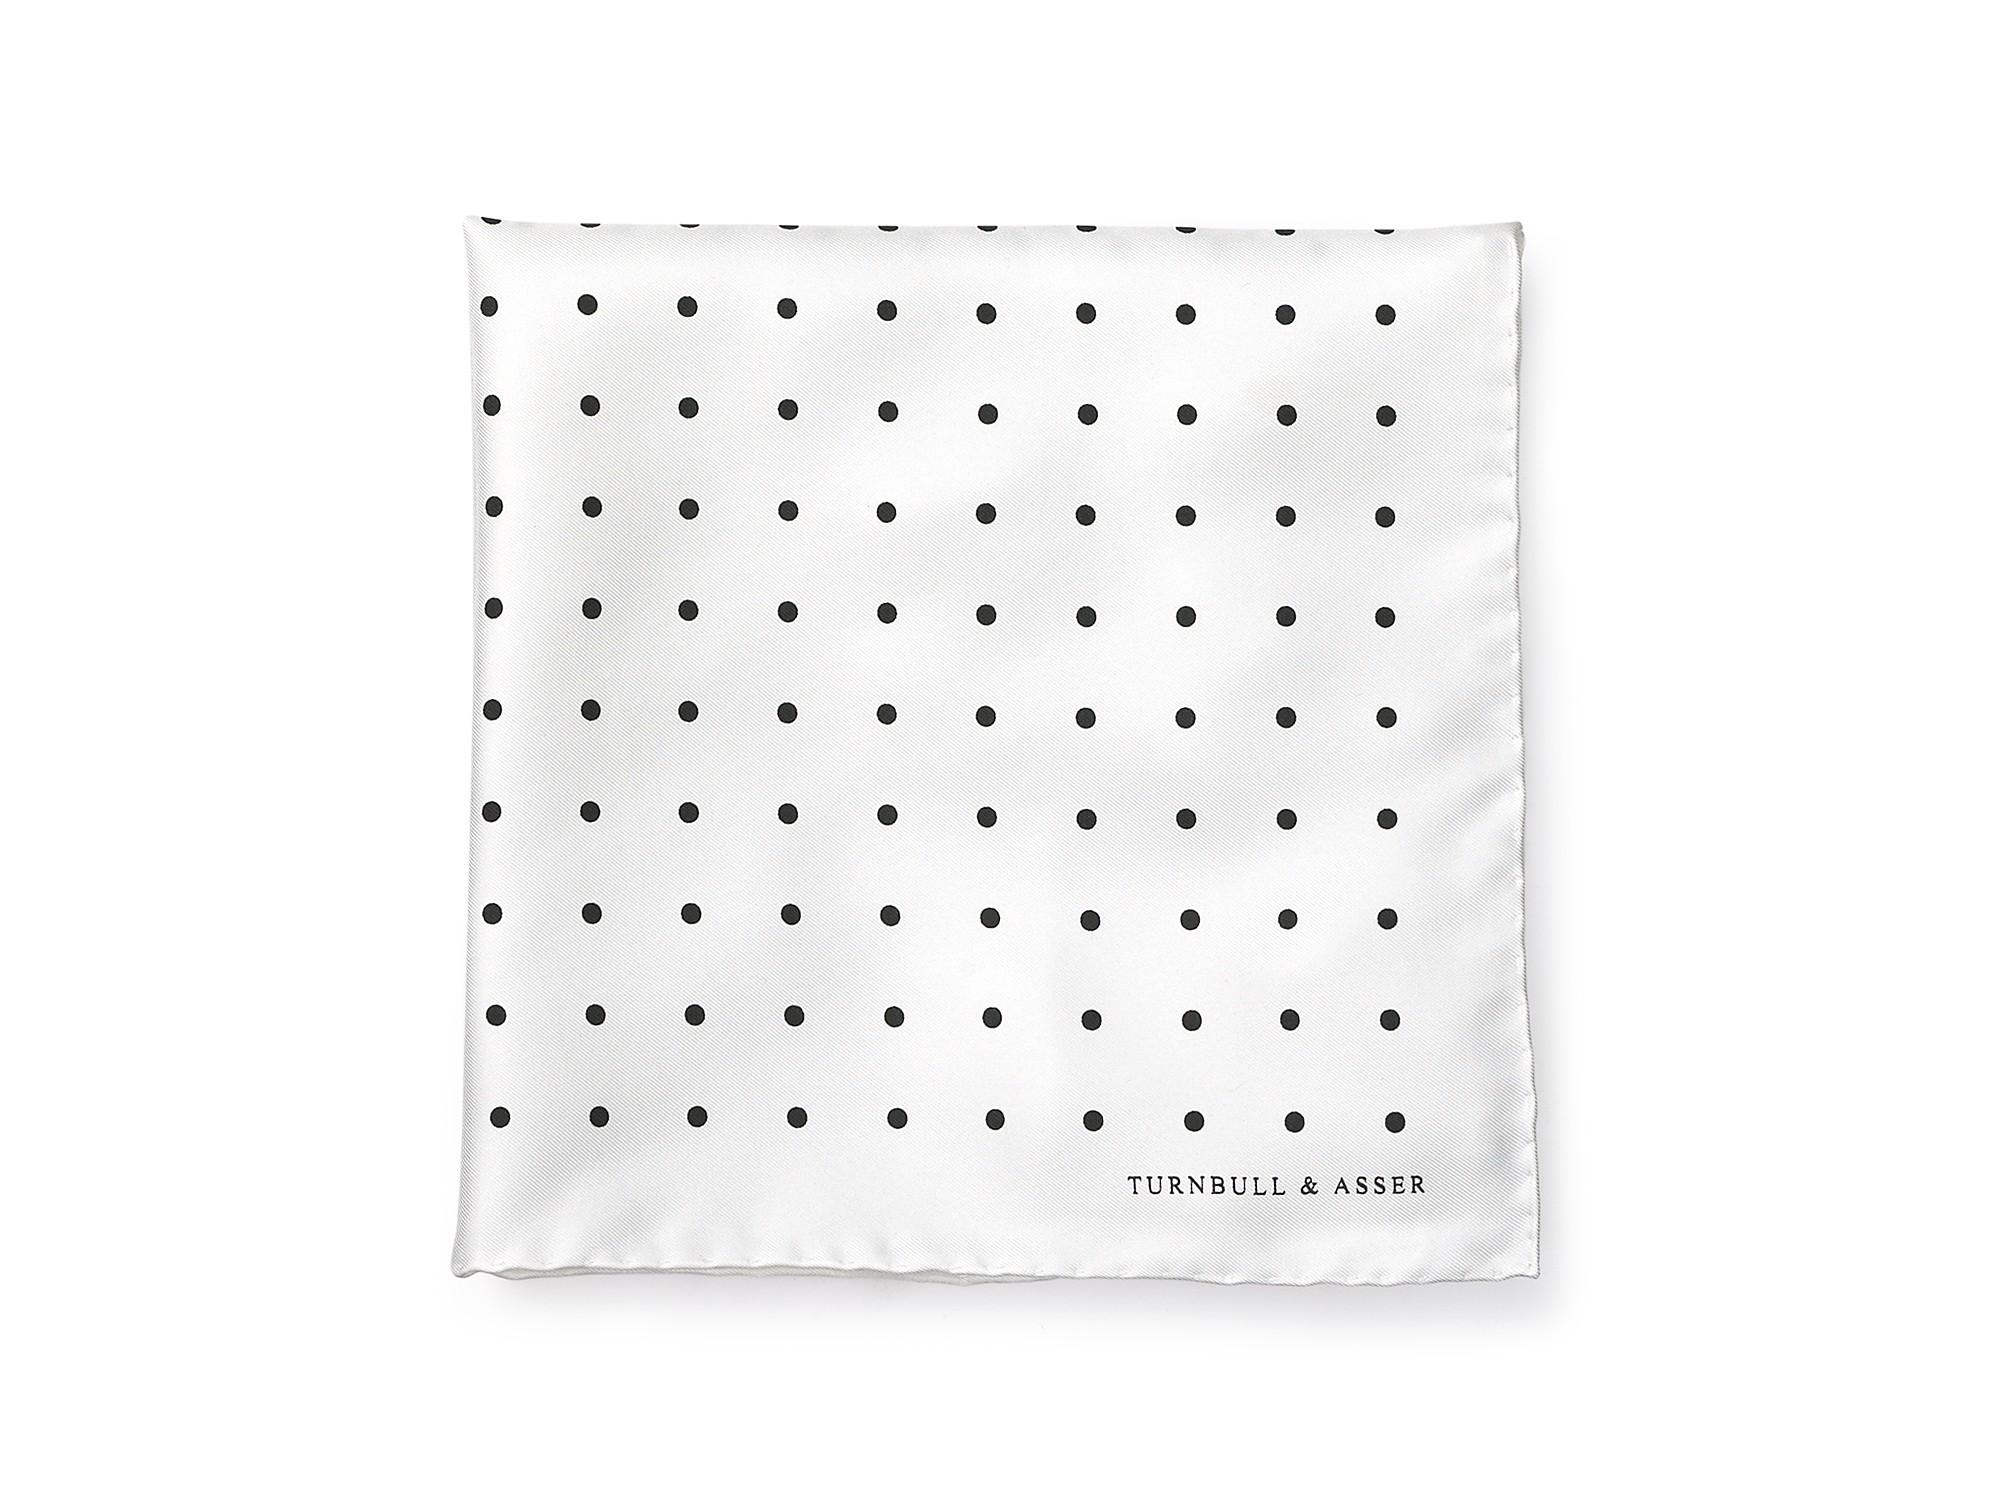 15980f0c7137 Turnbull & Asser Polka Dot Pocket Square in White for Men - Lyst